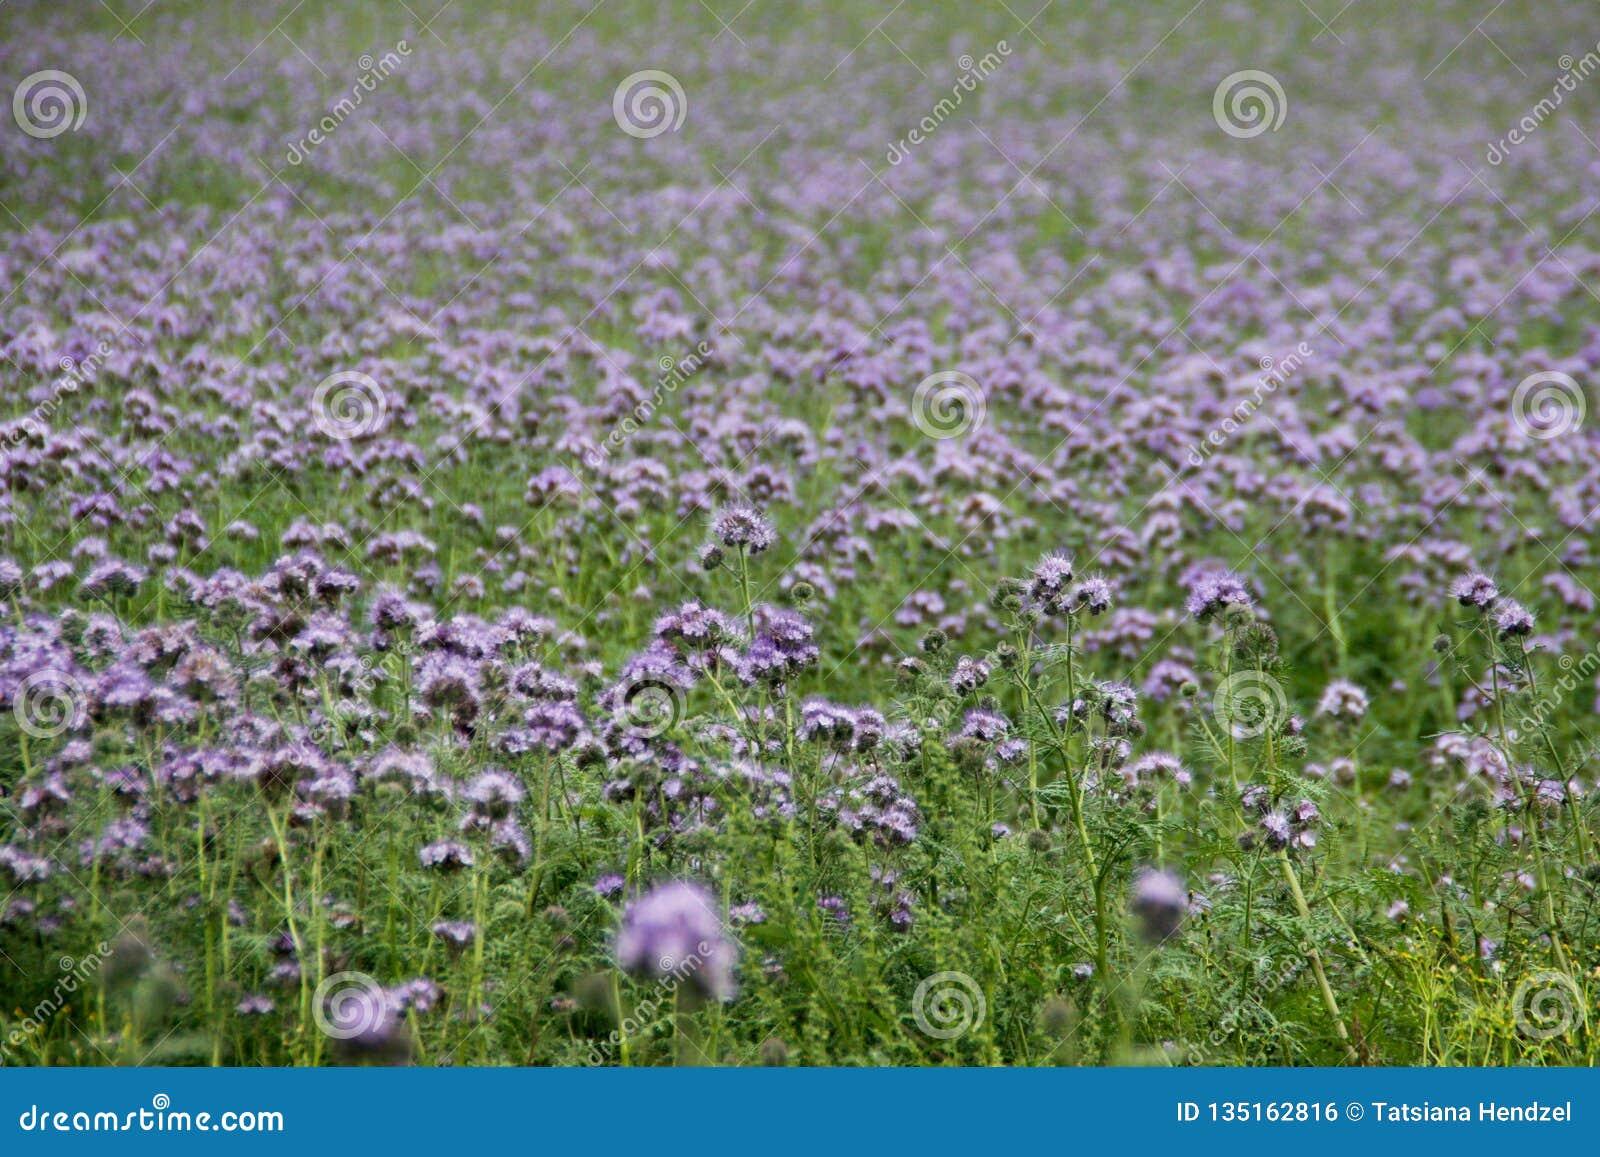 Все поле красивых ярких пурпурных цветков